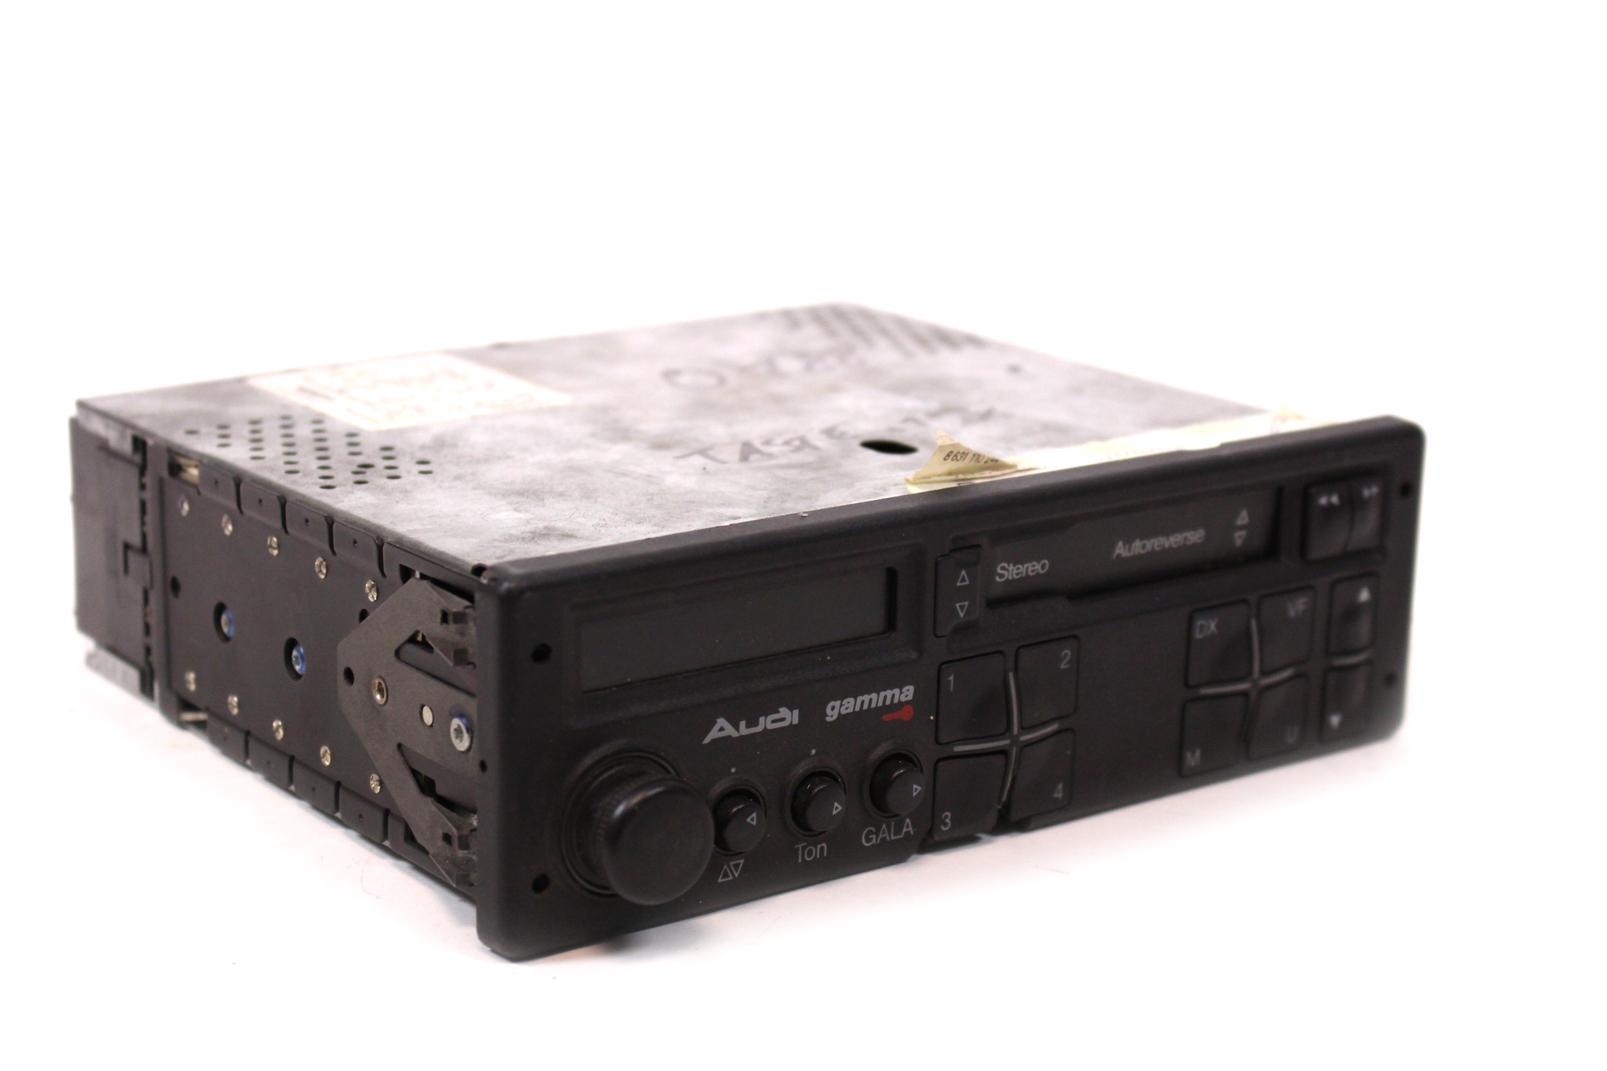 orig audi gamma stereo mc autoradio kassette audi 80 100. Black Bedroom Furniture Sets. Home Design Ideas